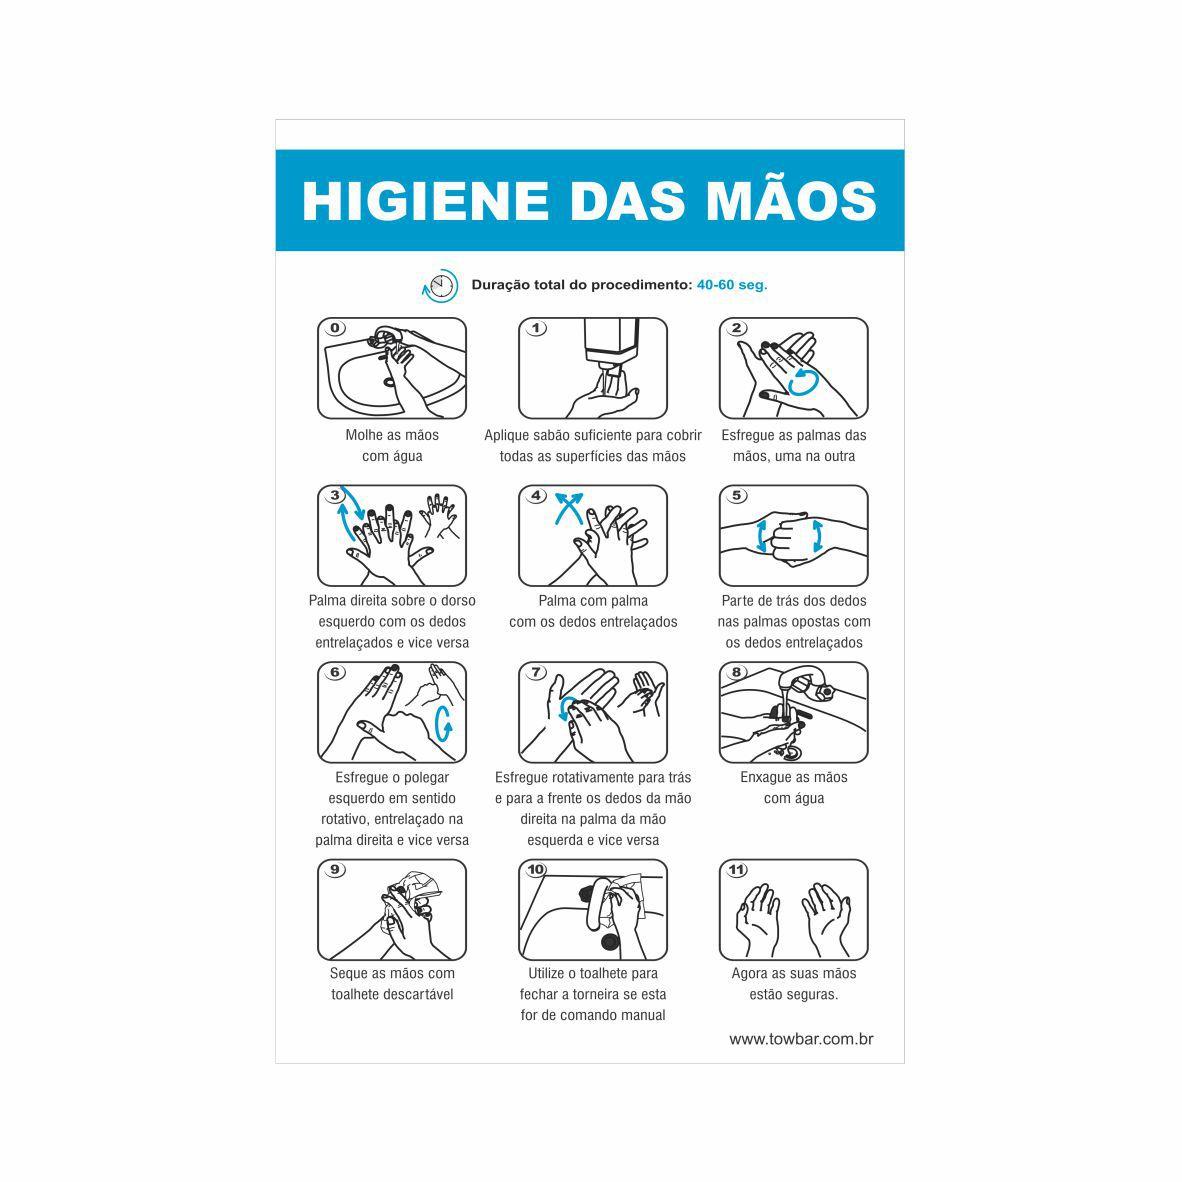 Higiene das mãos  - Towbar Sinalização de Segurança